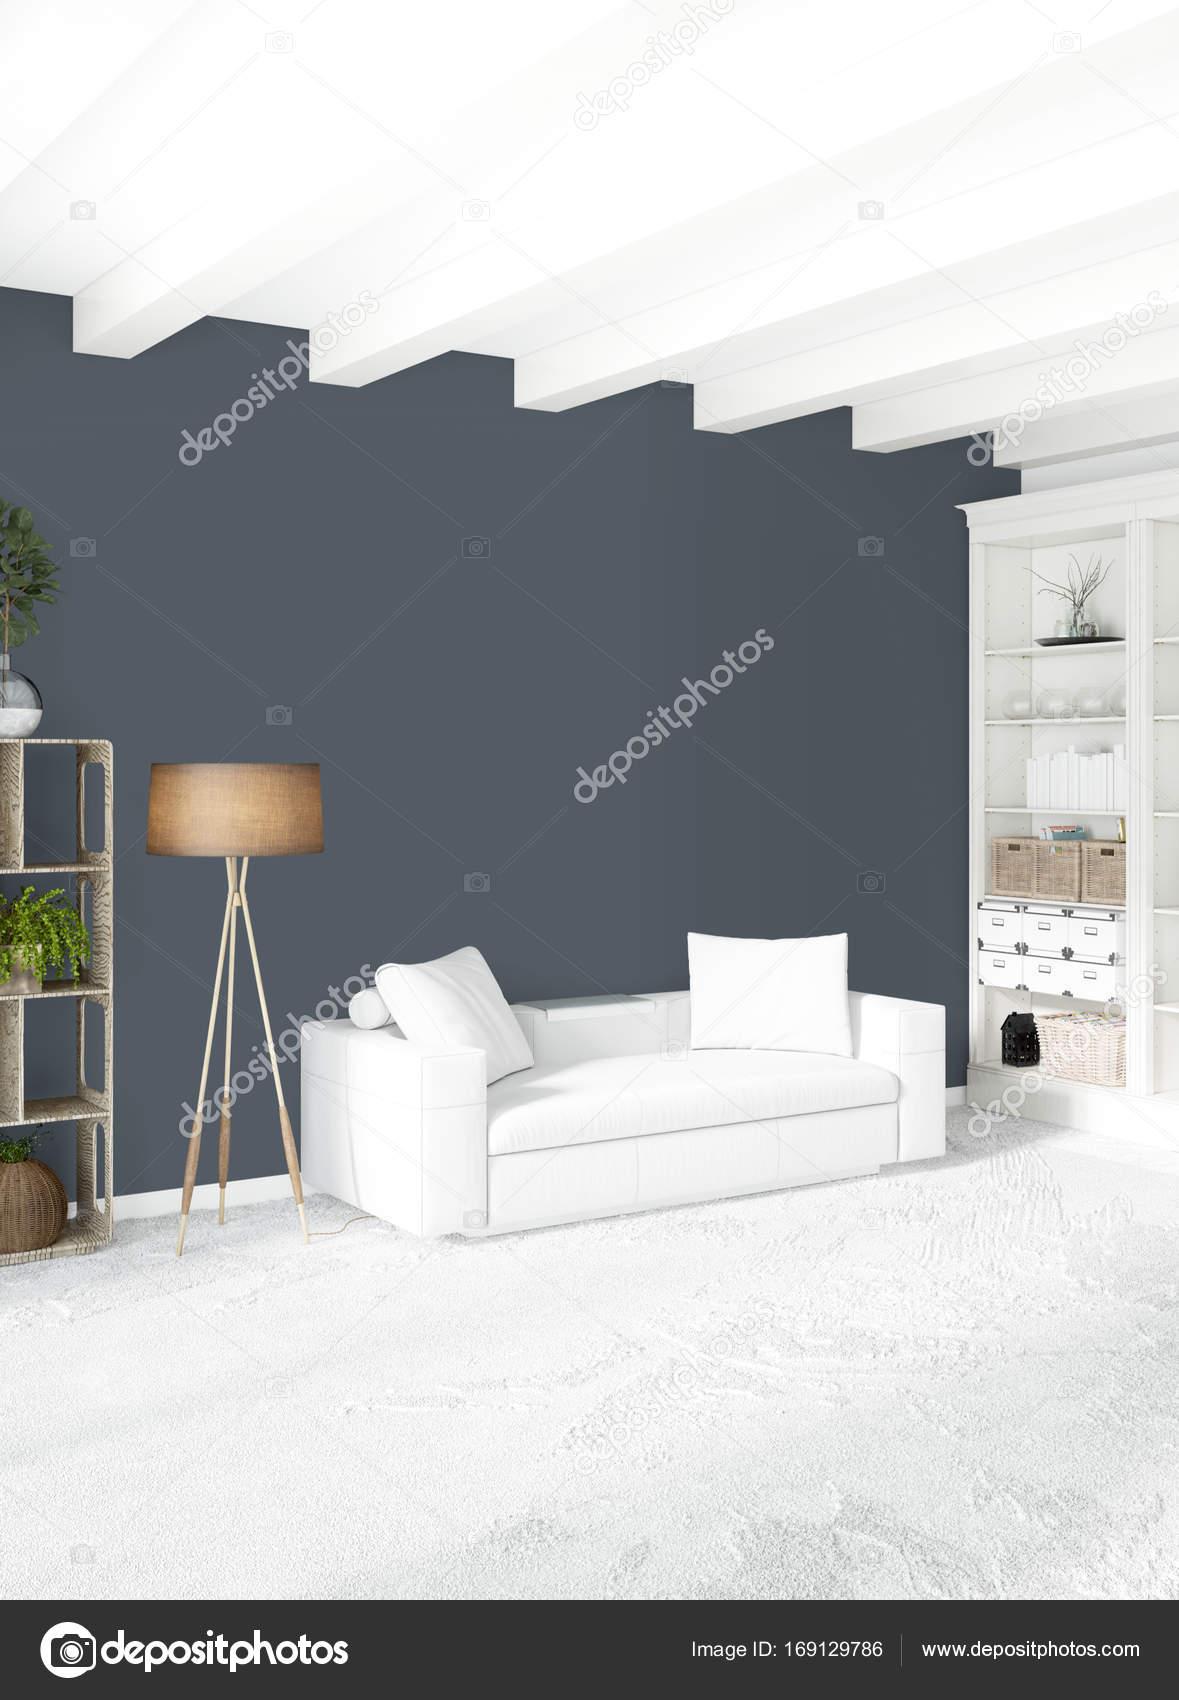 Camera Da Letto Stile Moderno Con Letto Circolare Interior Design : Soppalco con letto matrimoniale in stile moderno interior